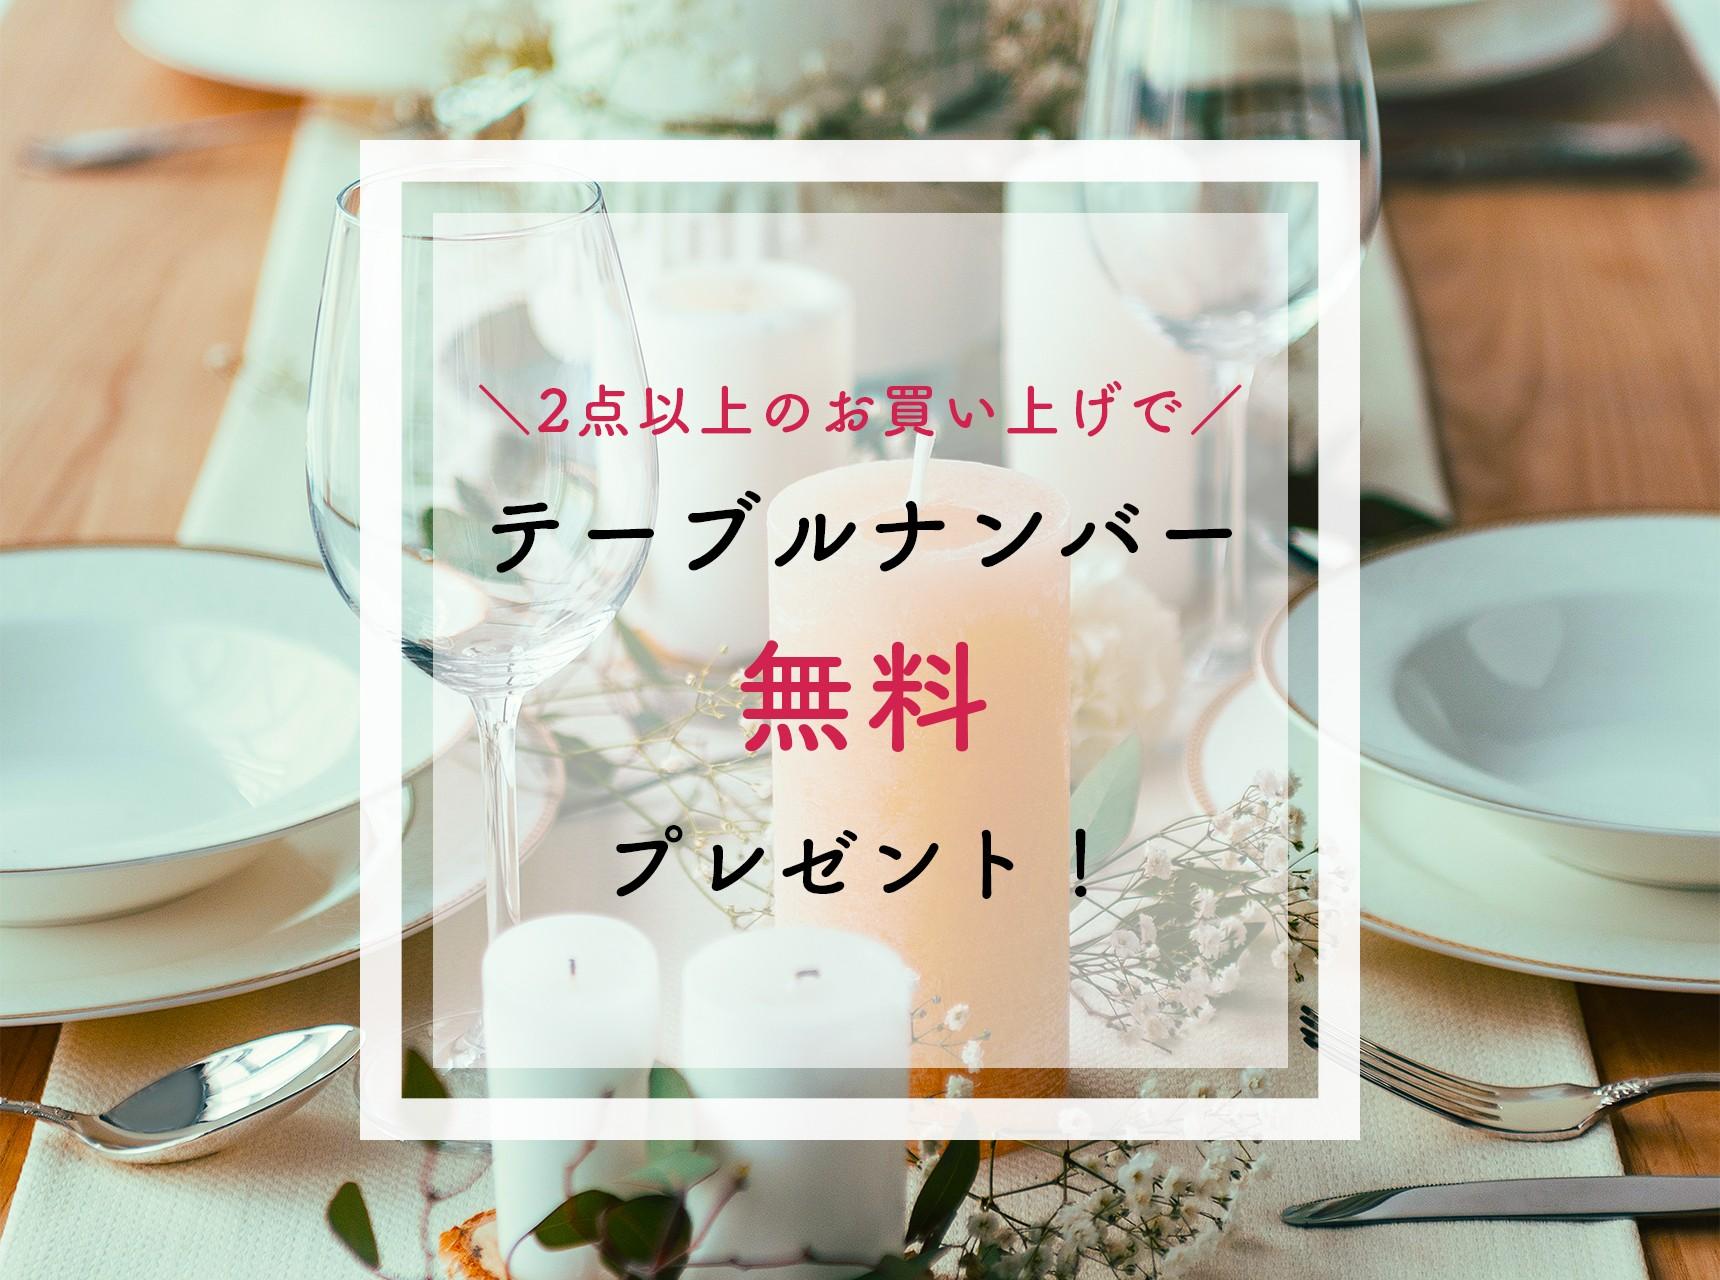 【7/20 3点追加】30種類から選べる!テーブルナンバー無料プレゼント実施中